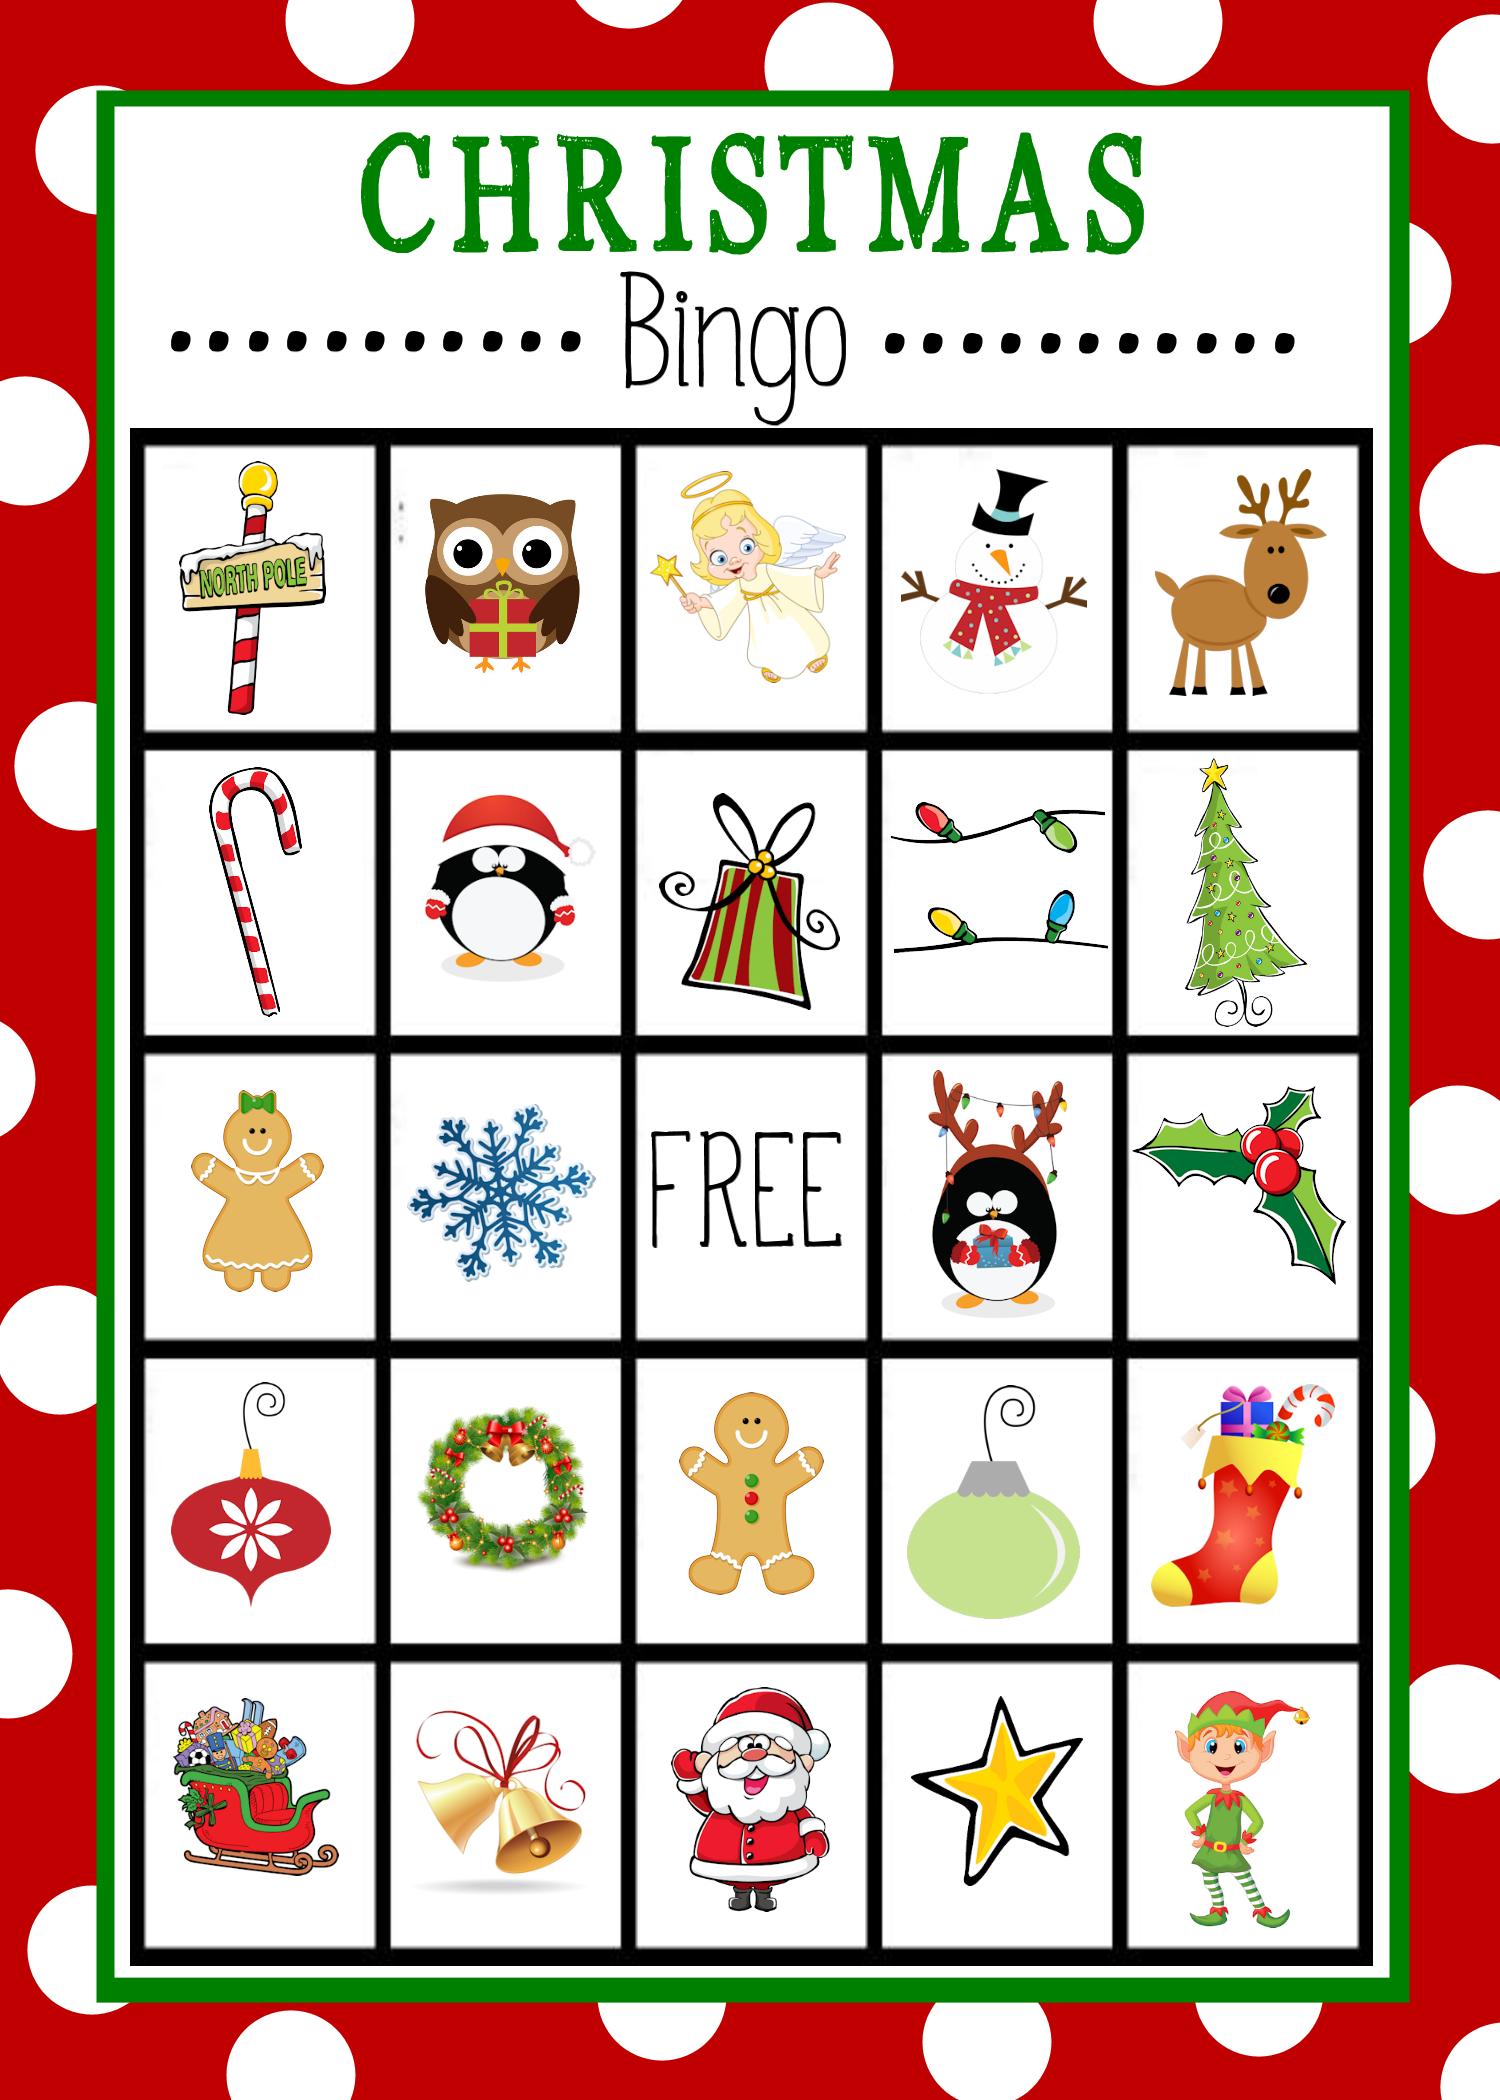 9 Images of Free Printable Christmas Bingo Games